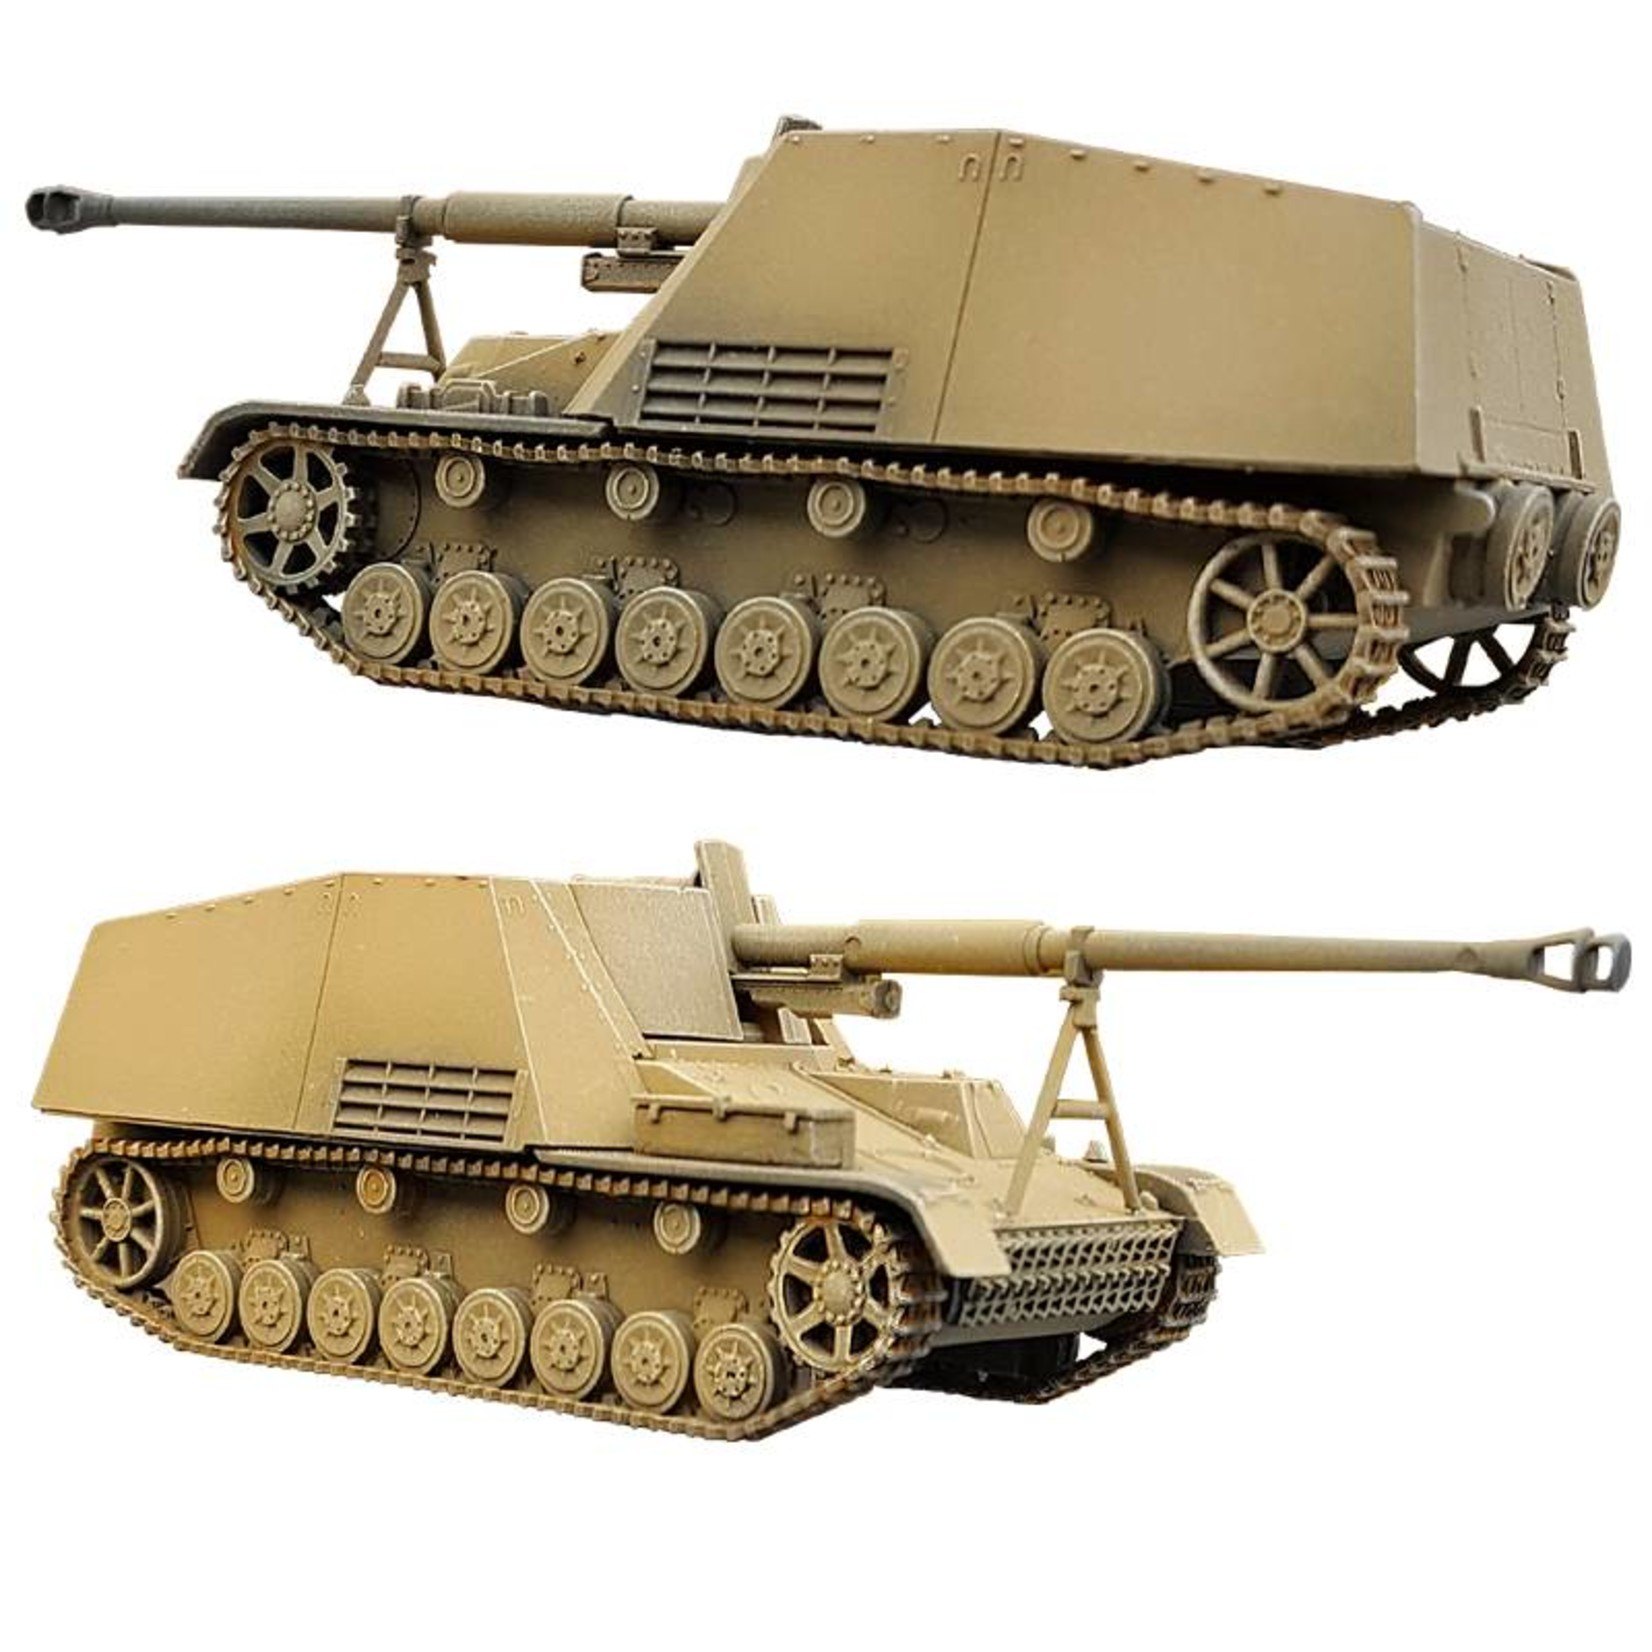 Nashorn Sd.Kfz. 164